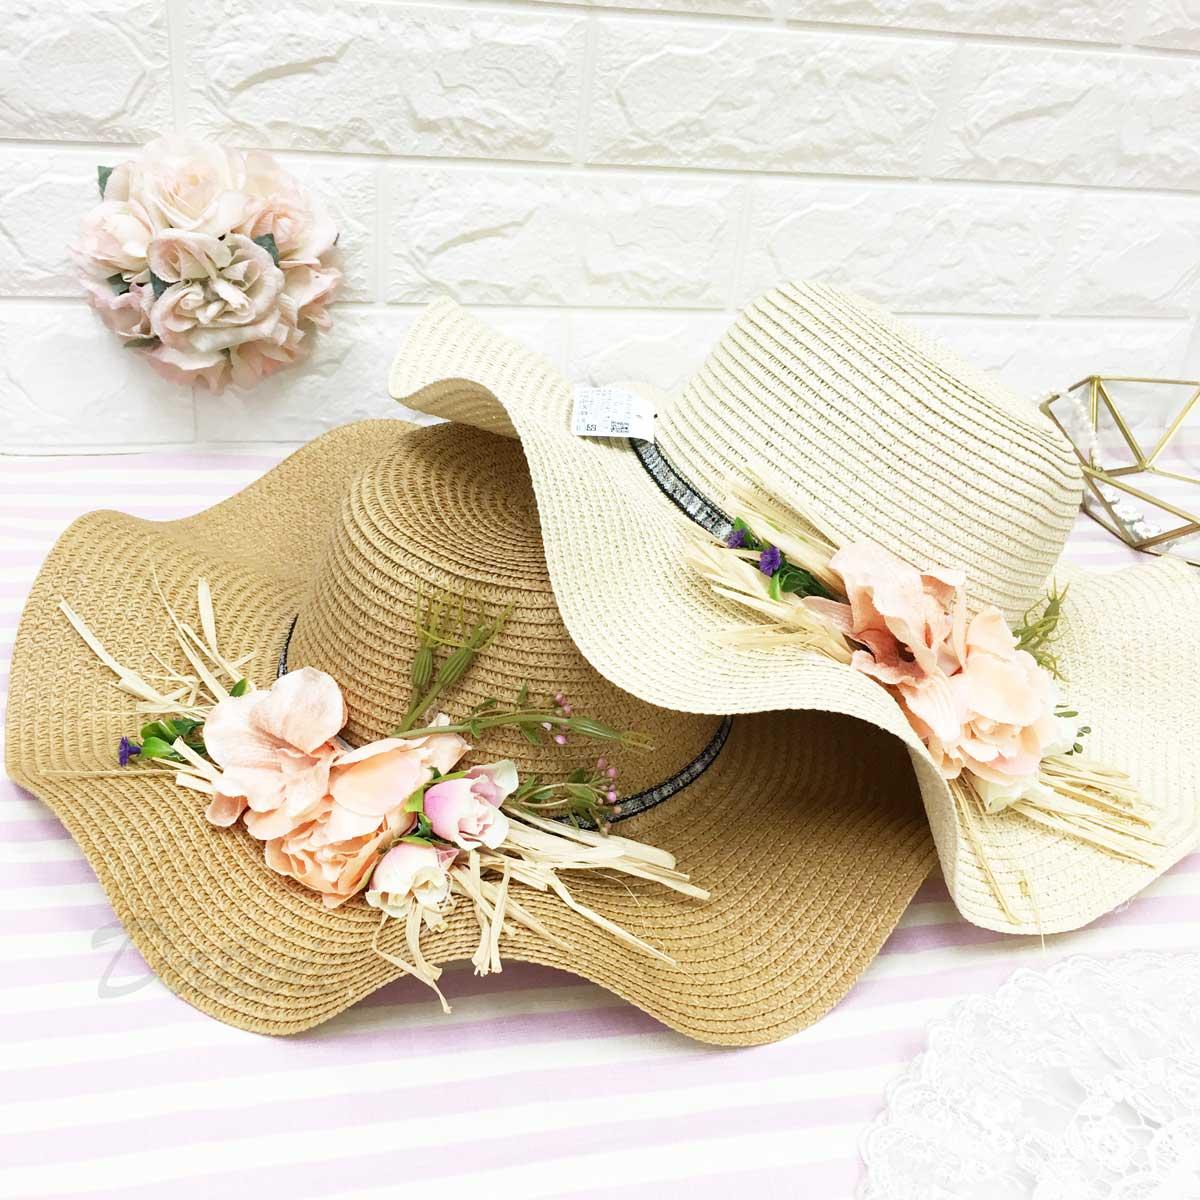 波浪邊帽沿 細緻編織紋路 配花朵 拉繩 淑女風 帽子 草帽